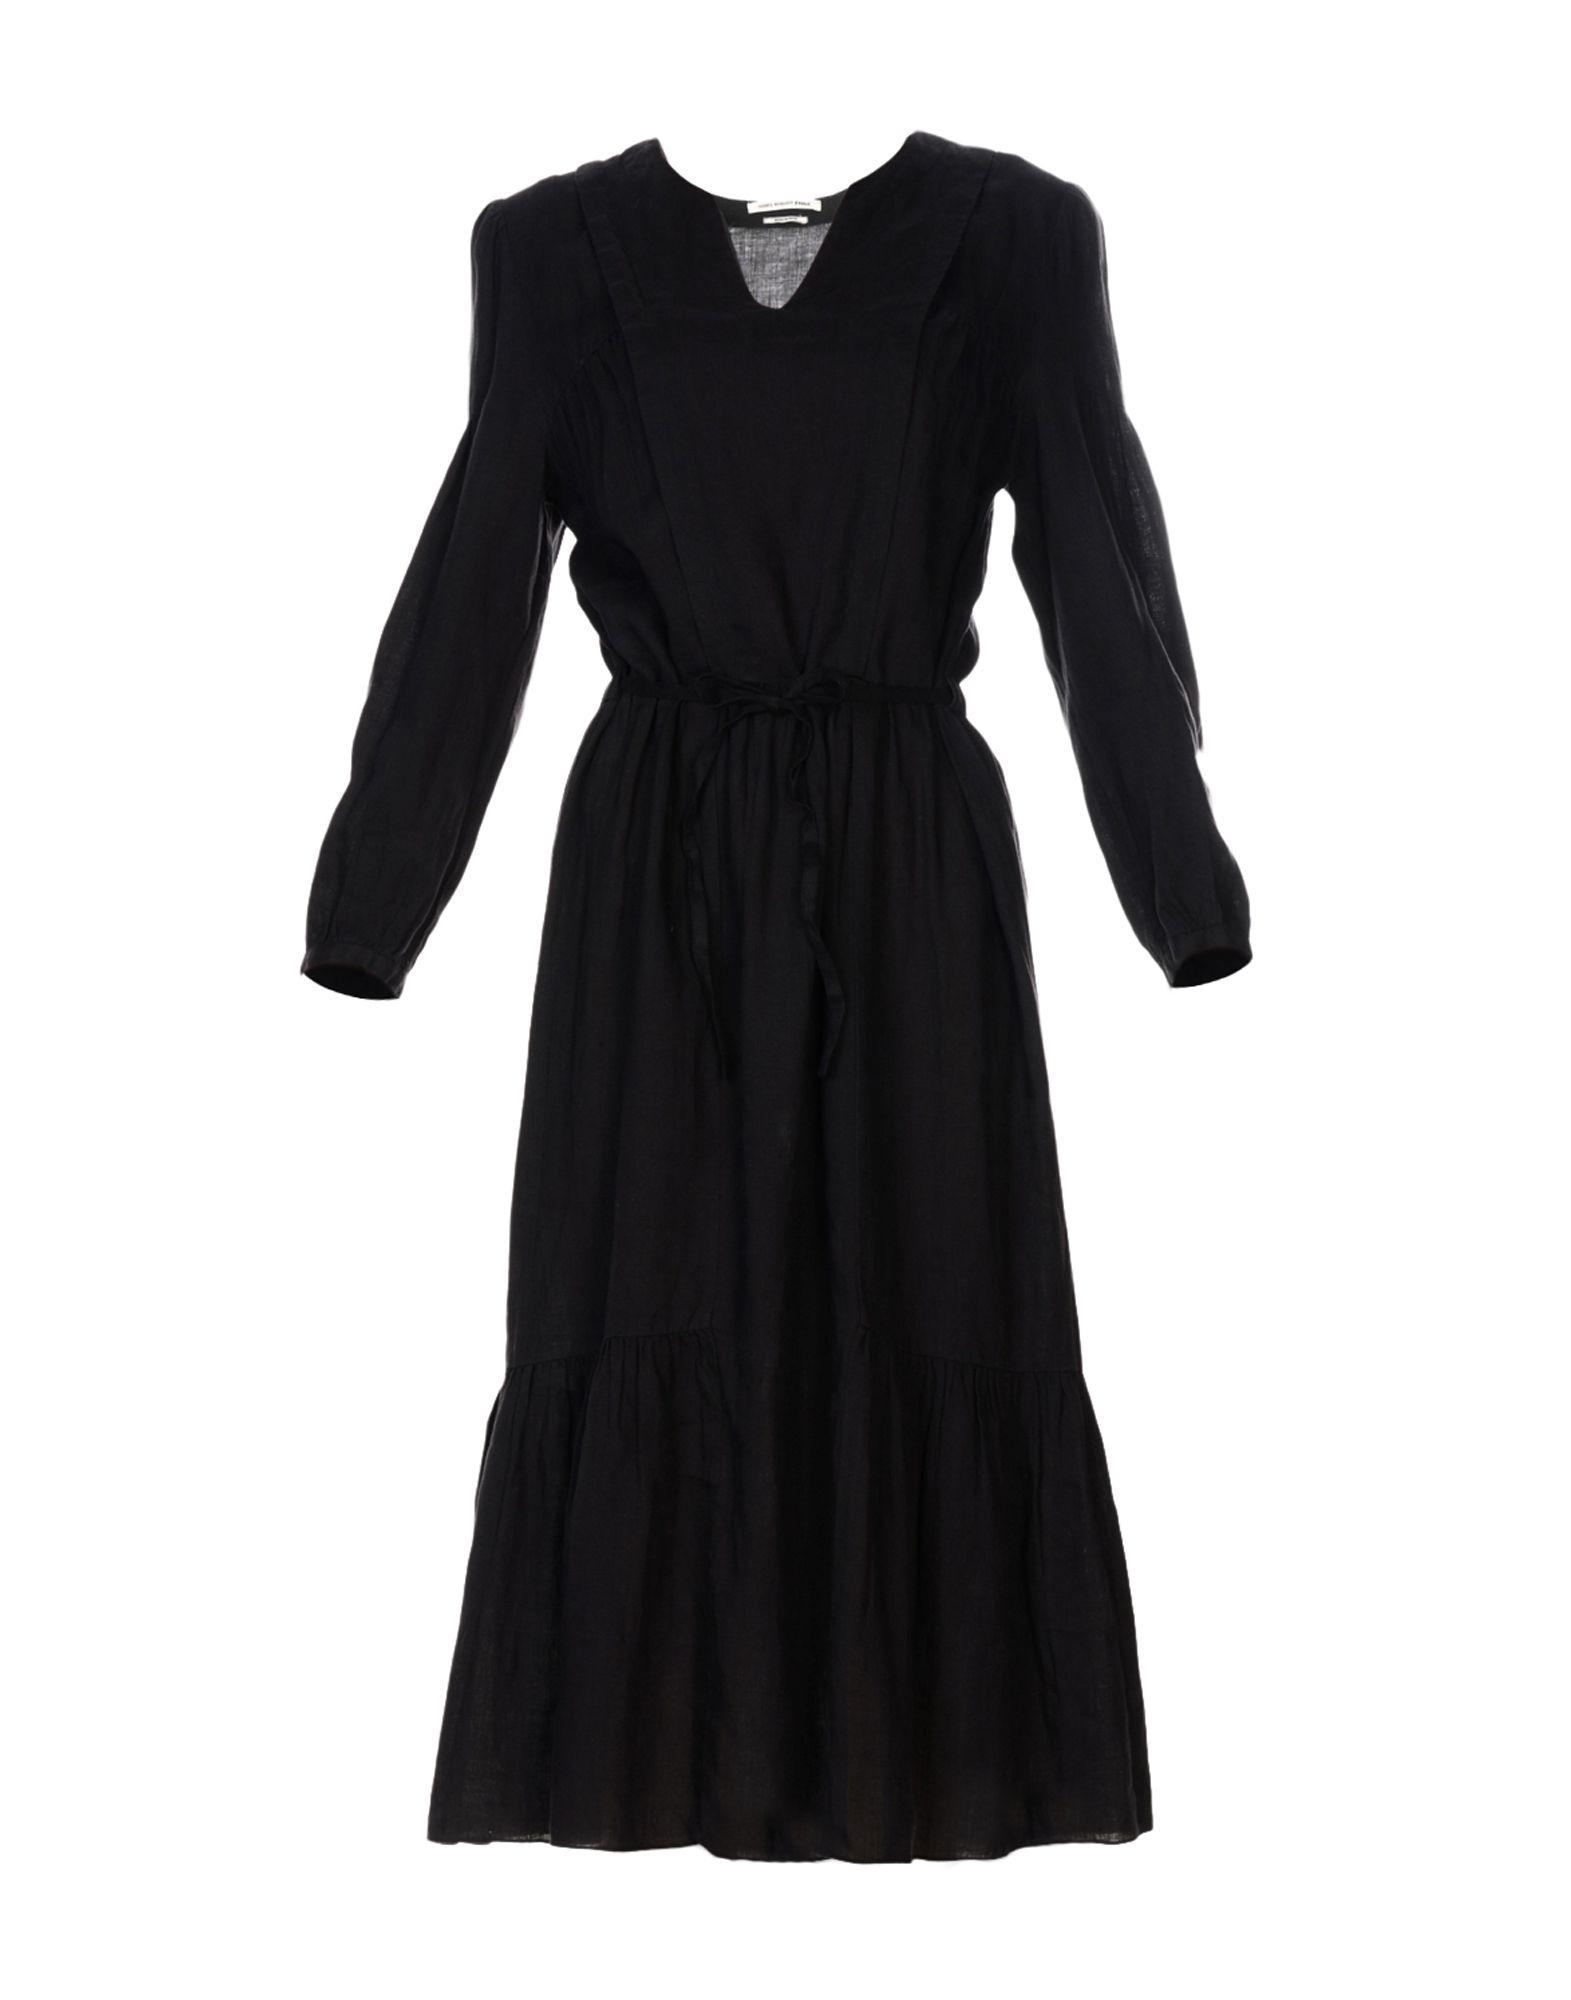 ISABEL MARANT ÉTOILE Платье длиной 3/4 lisa corti платье длиной 3 4